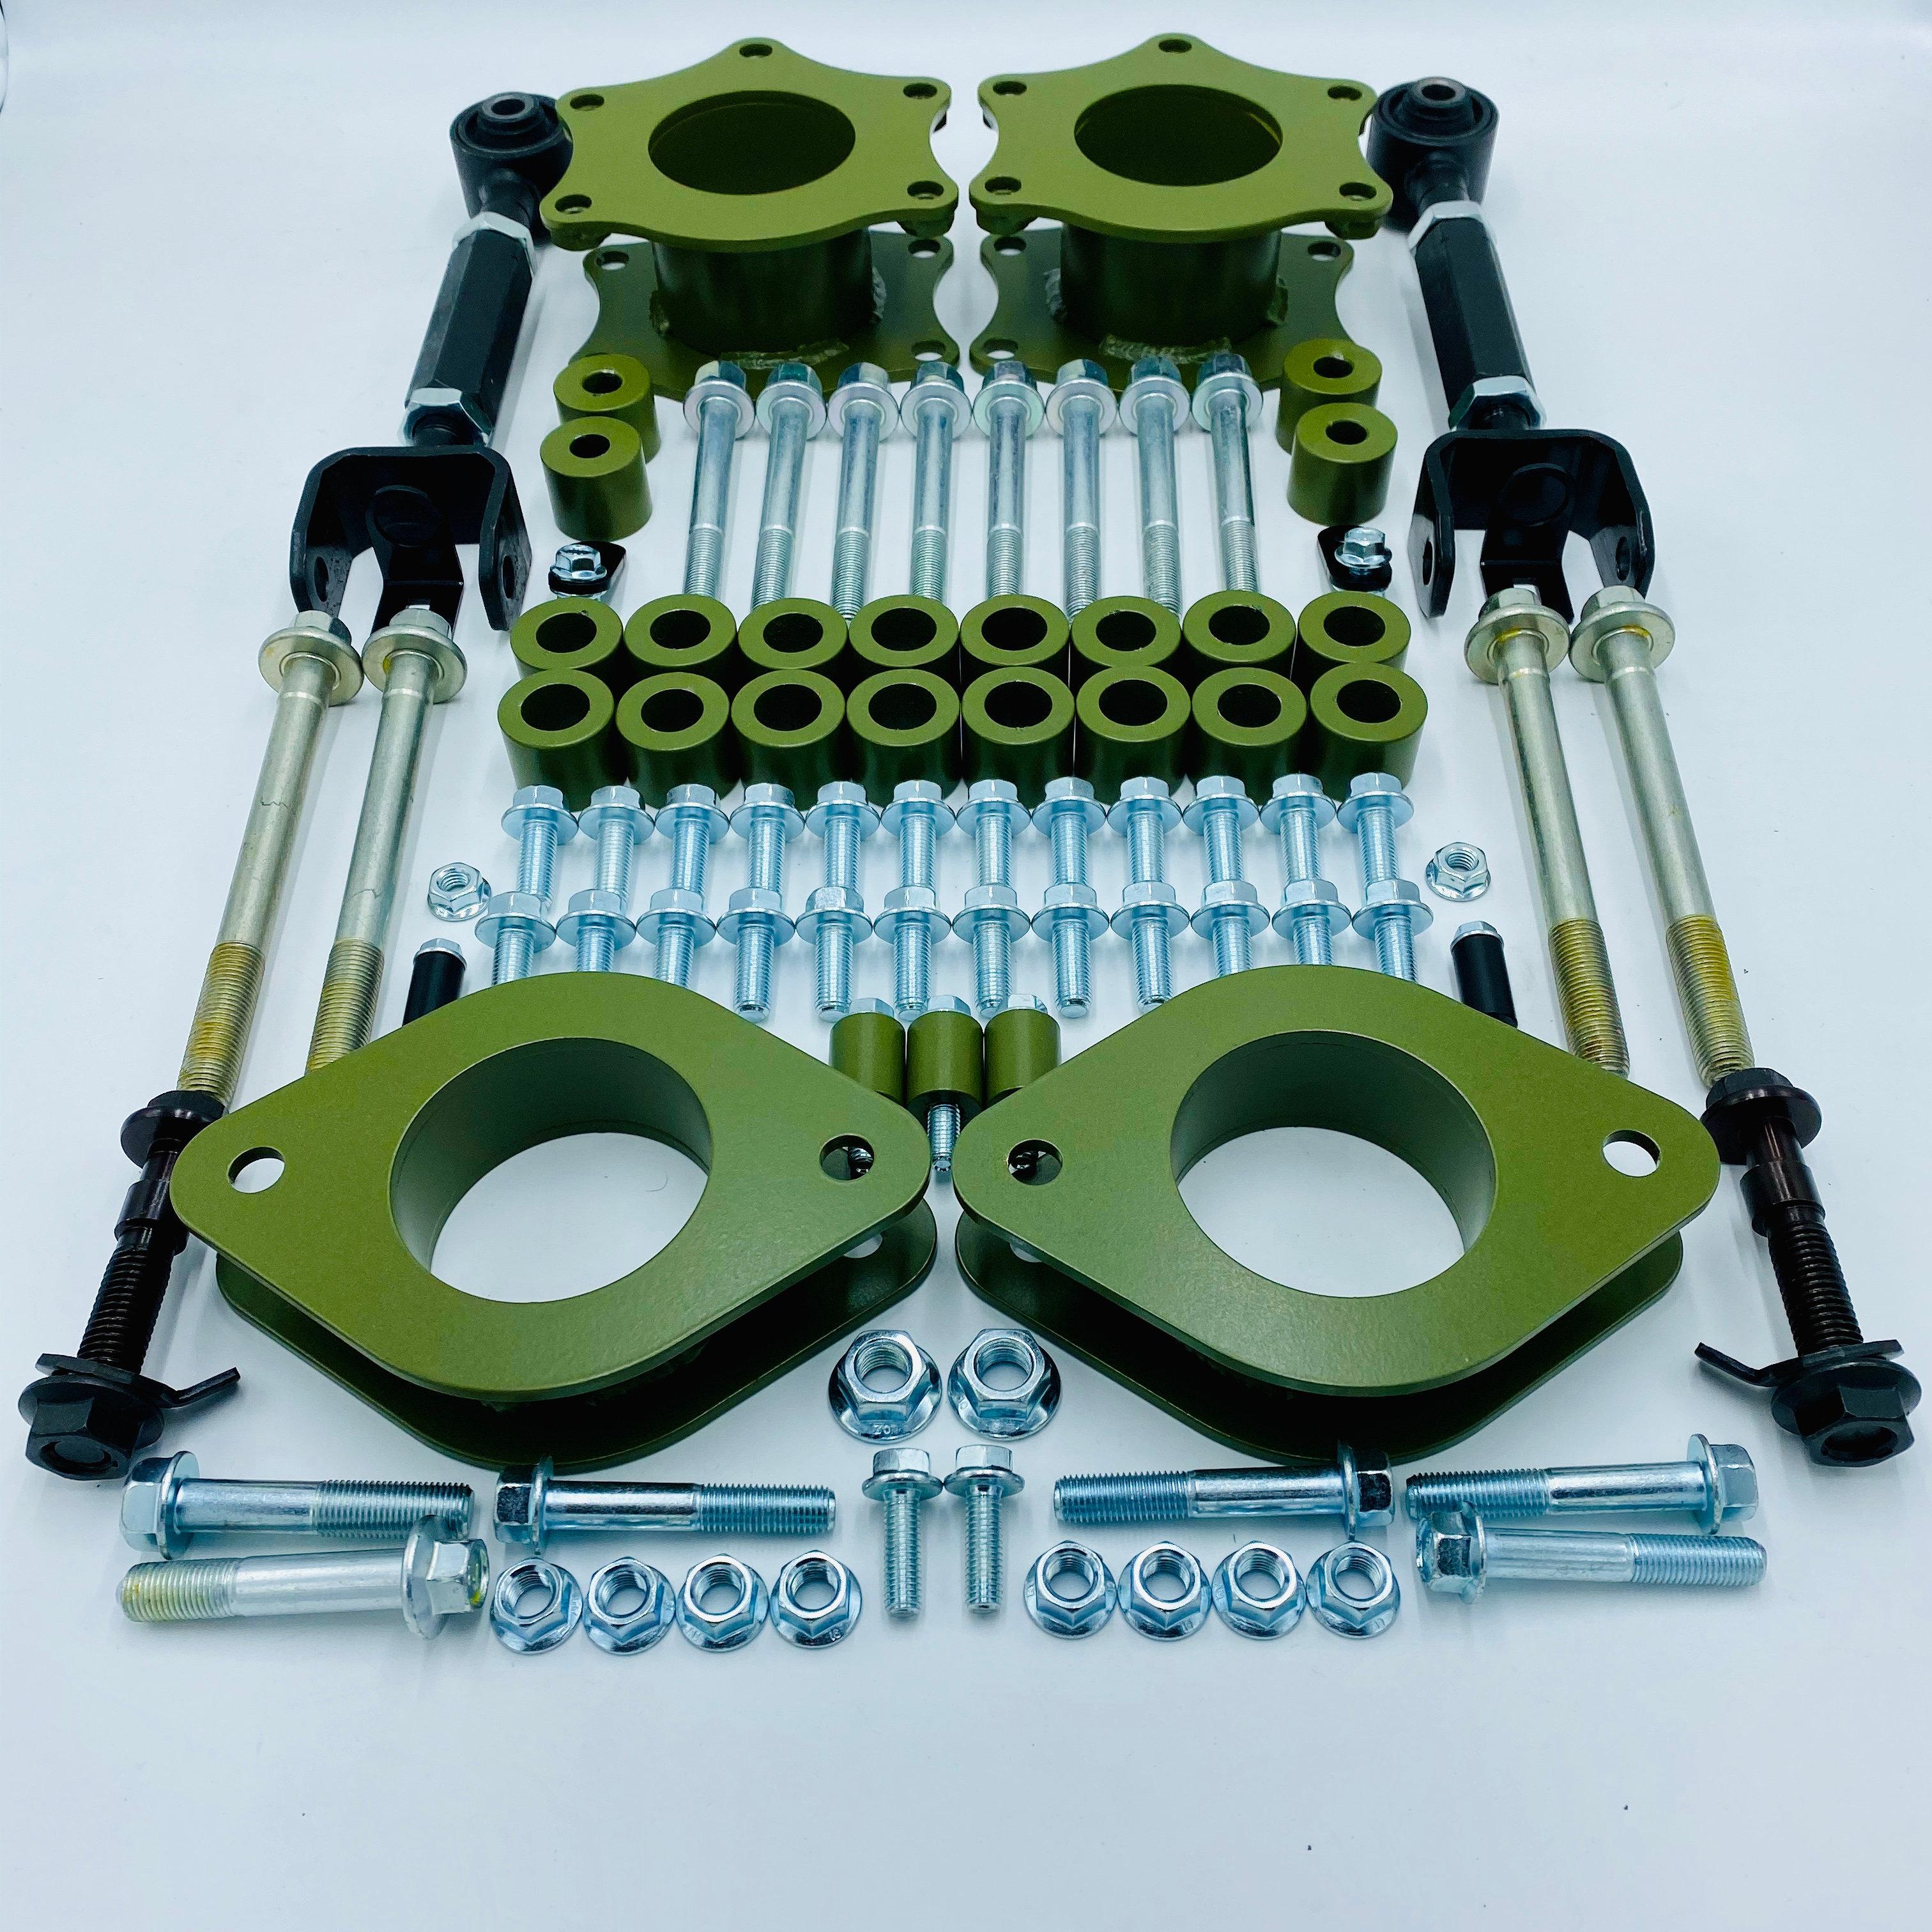 3 Inch Lift Kit For 07-16 CR-V